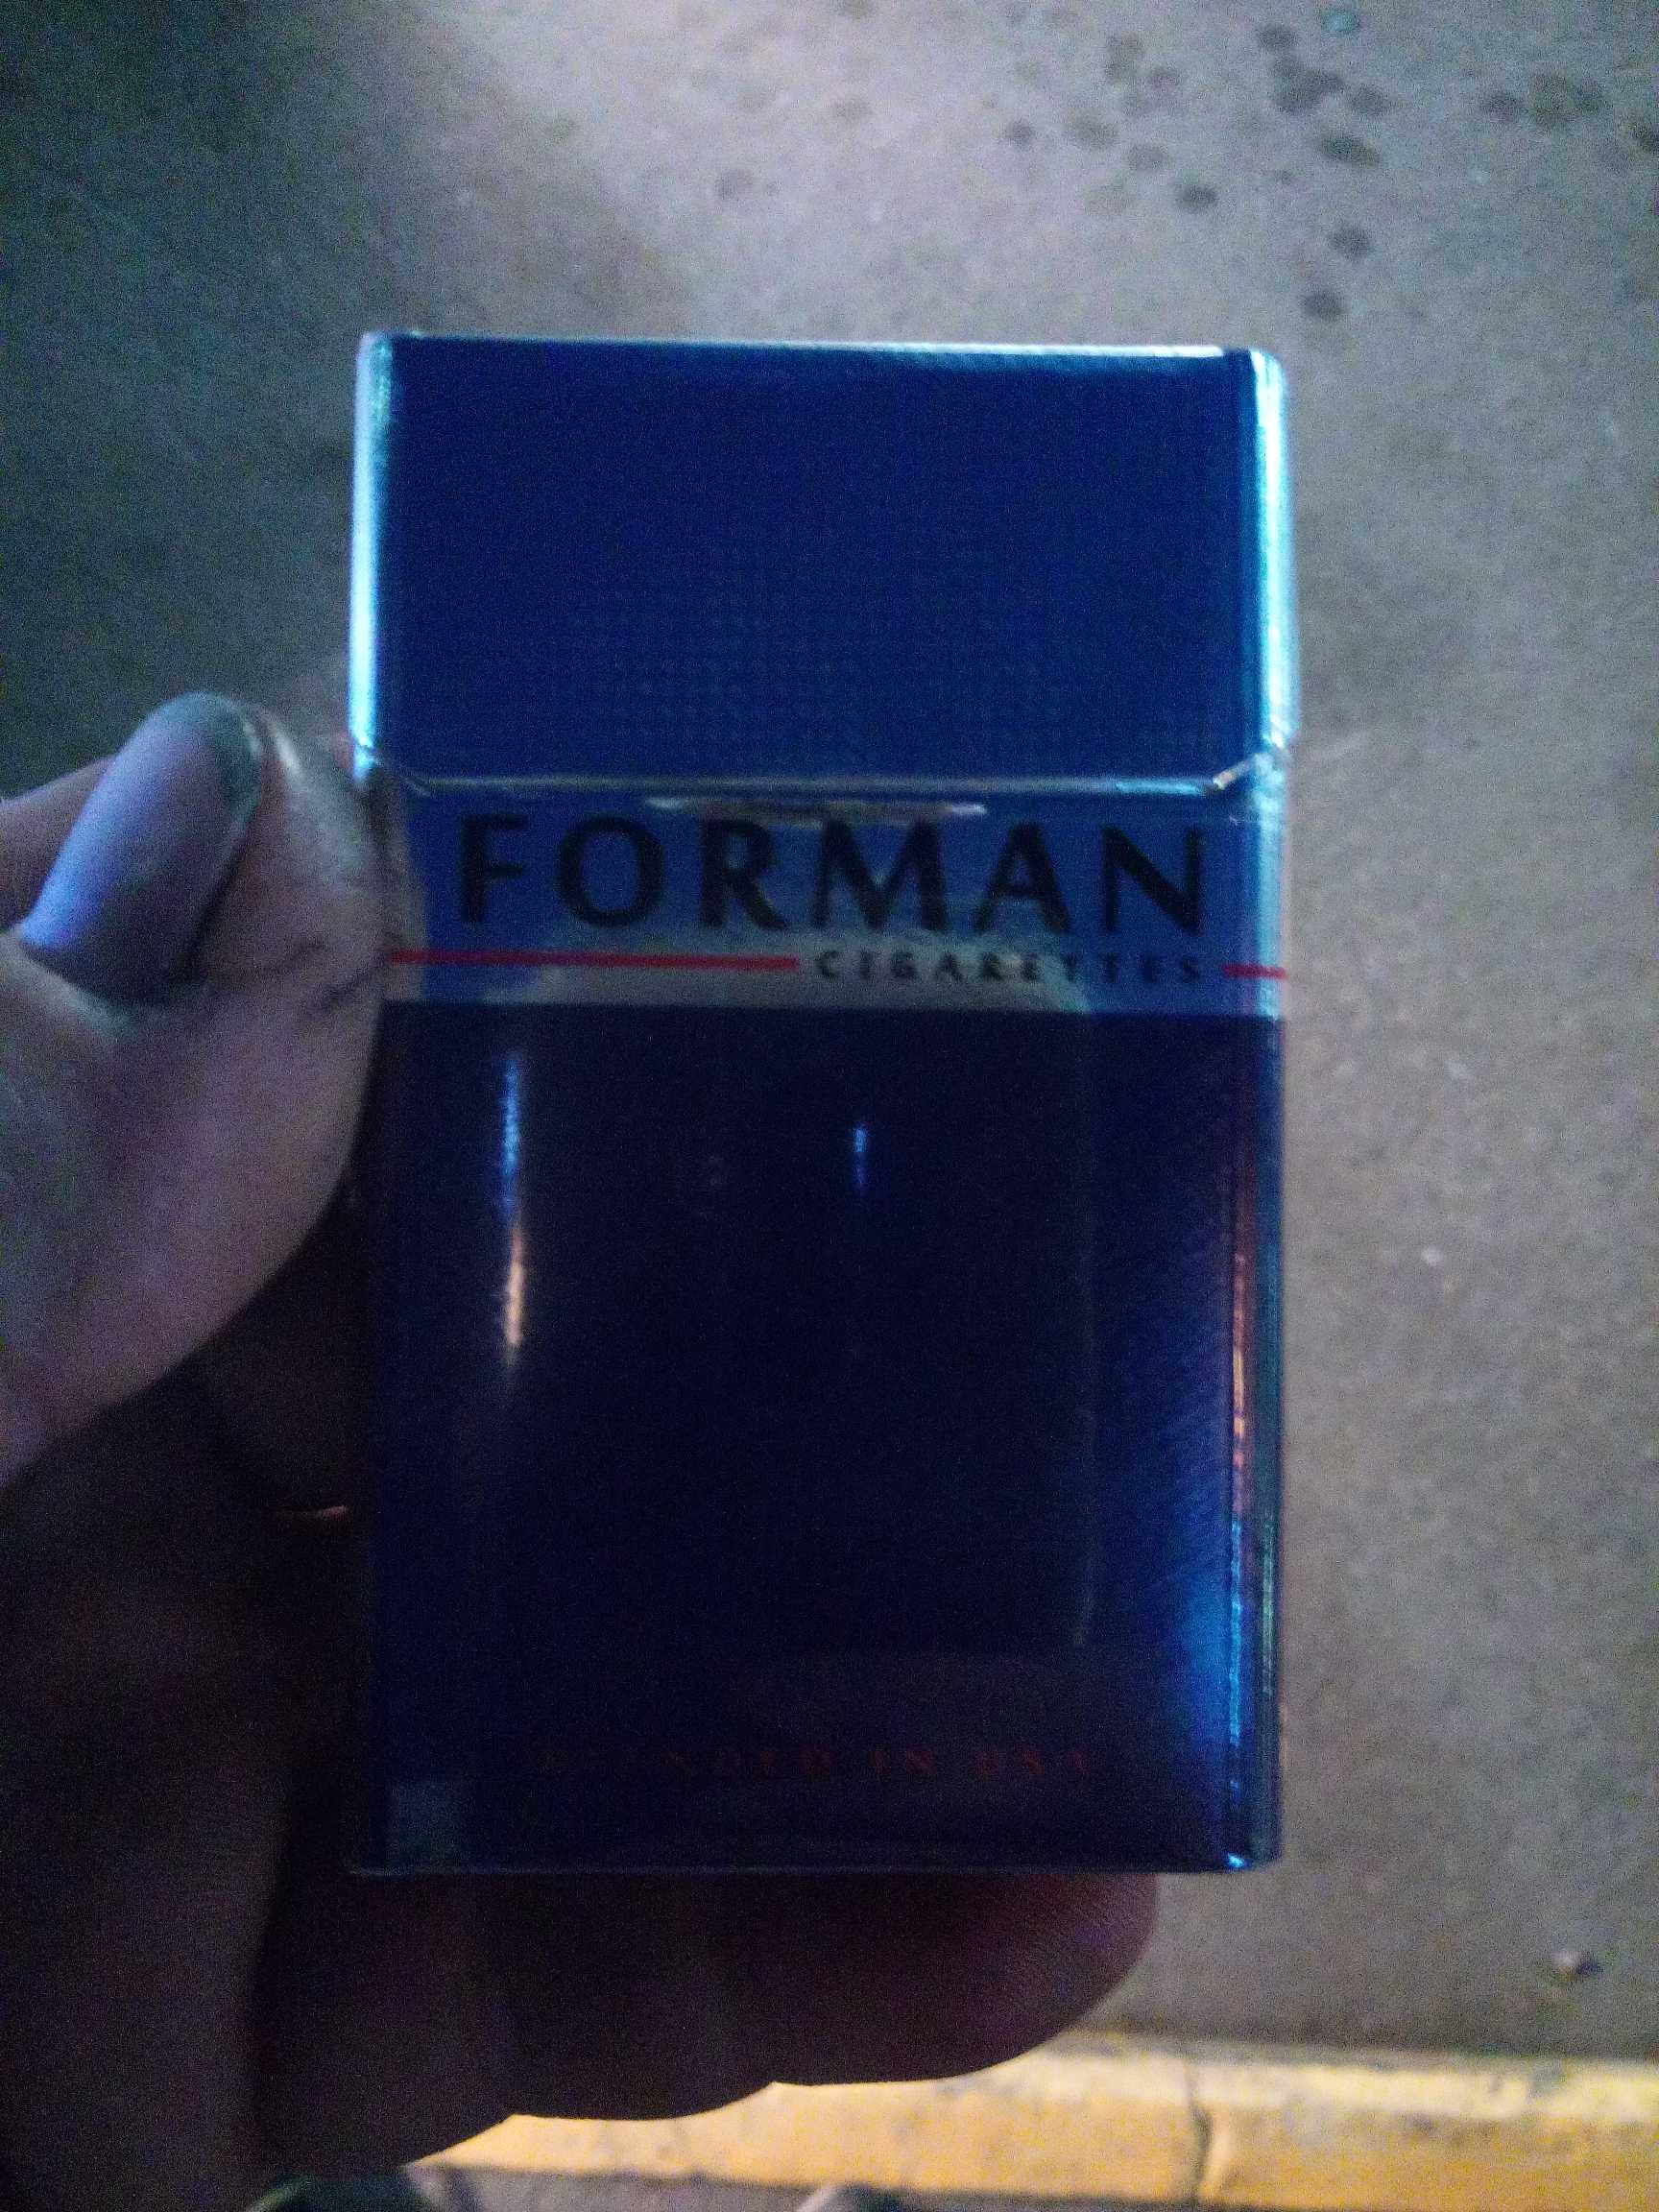 Forman сигареты купить увеличение цены на табачные изделия